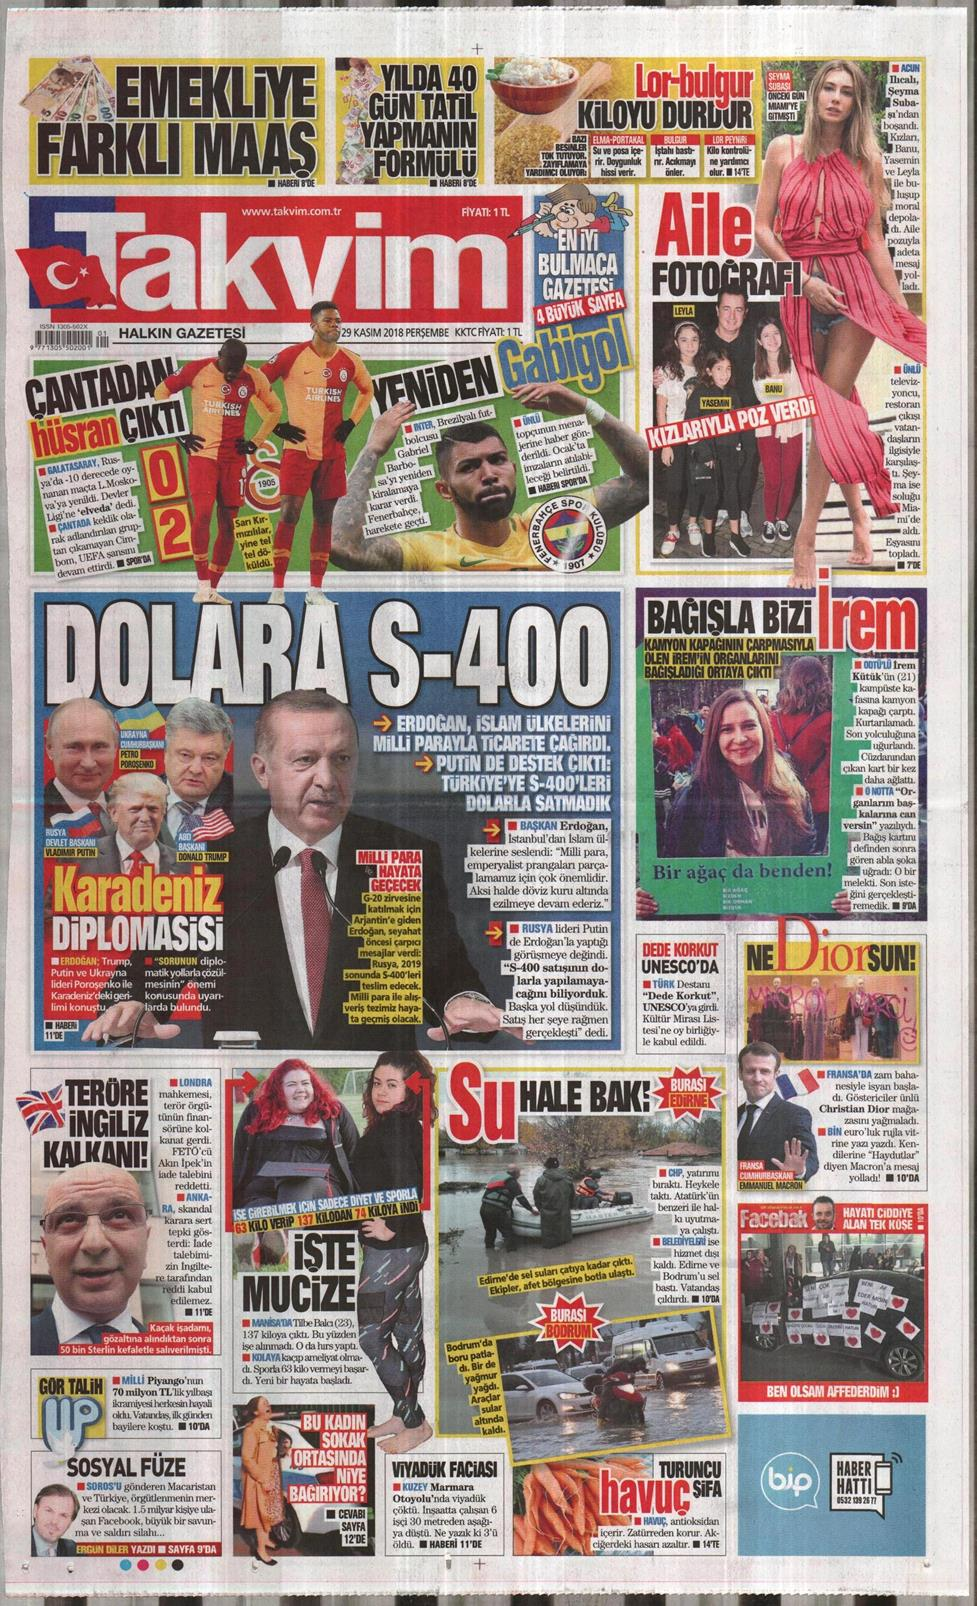 12 Nisan 2019 Cuma Takvim Gazetesi Manşet